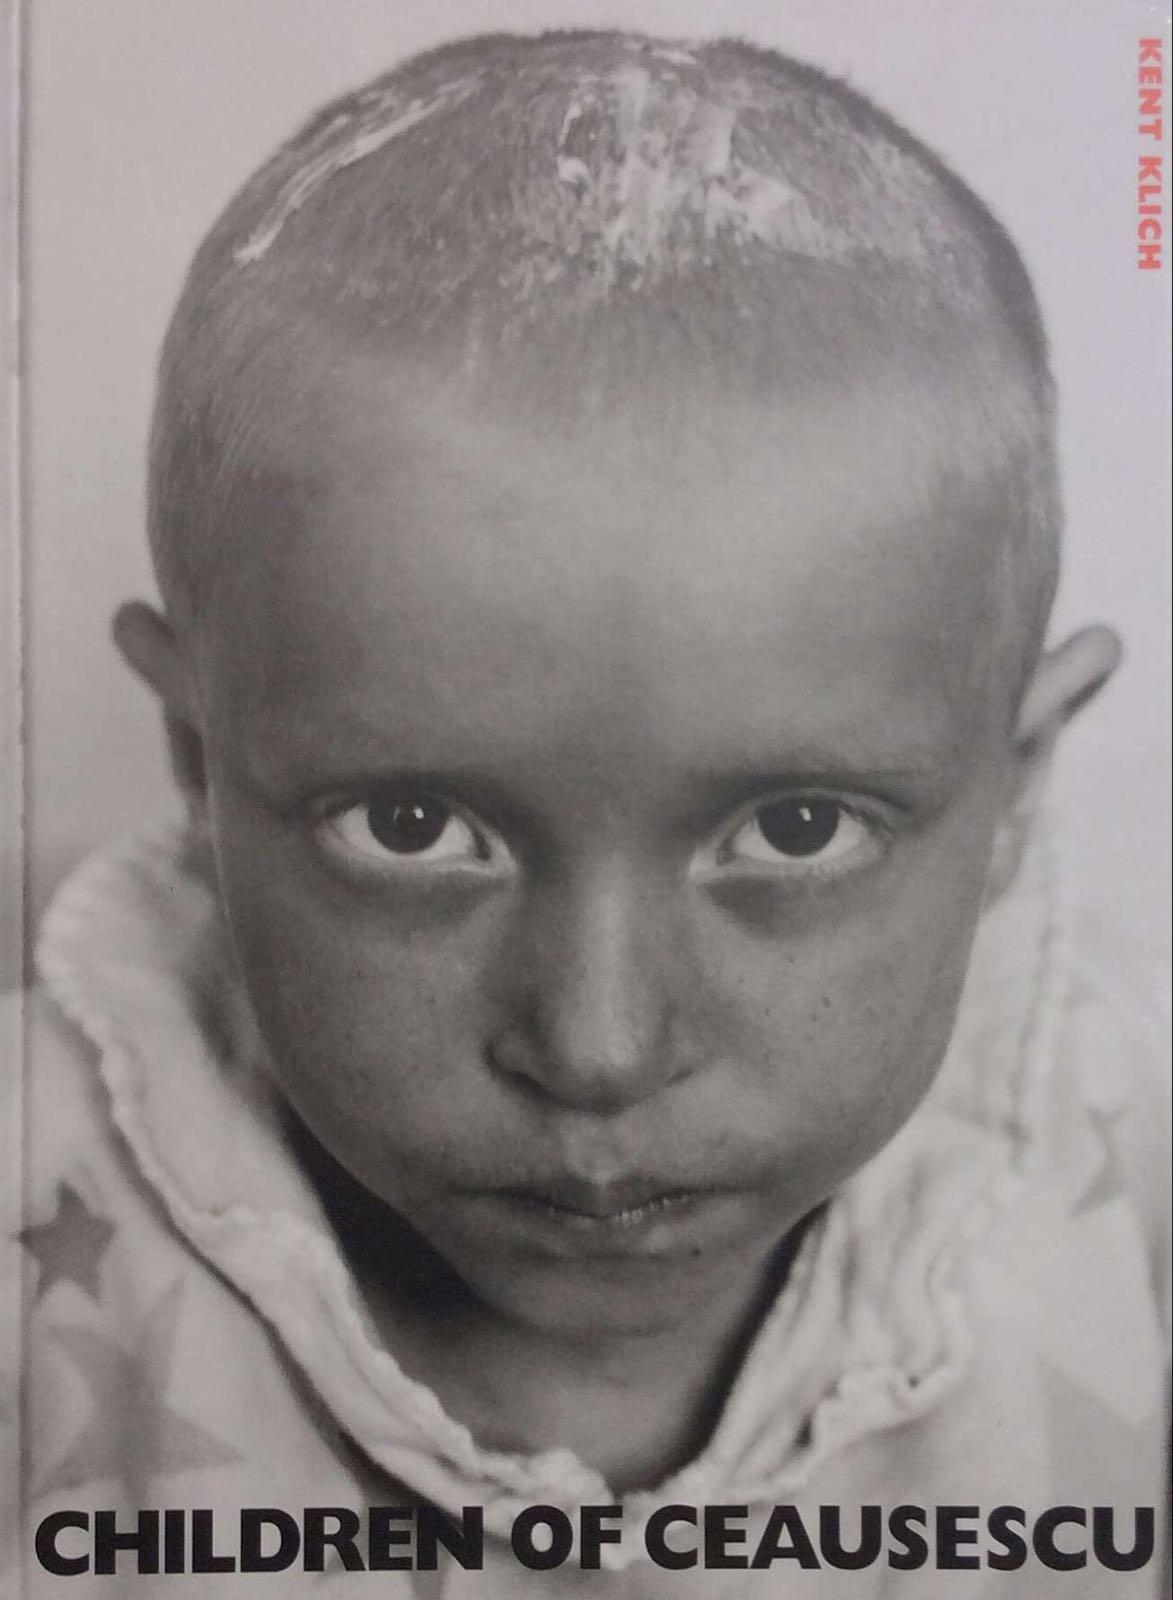 Klich, Kent. Children of Ceausescu